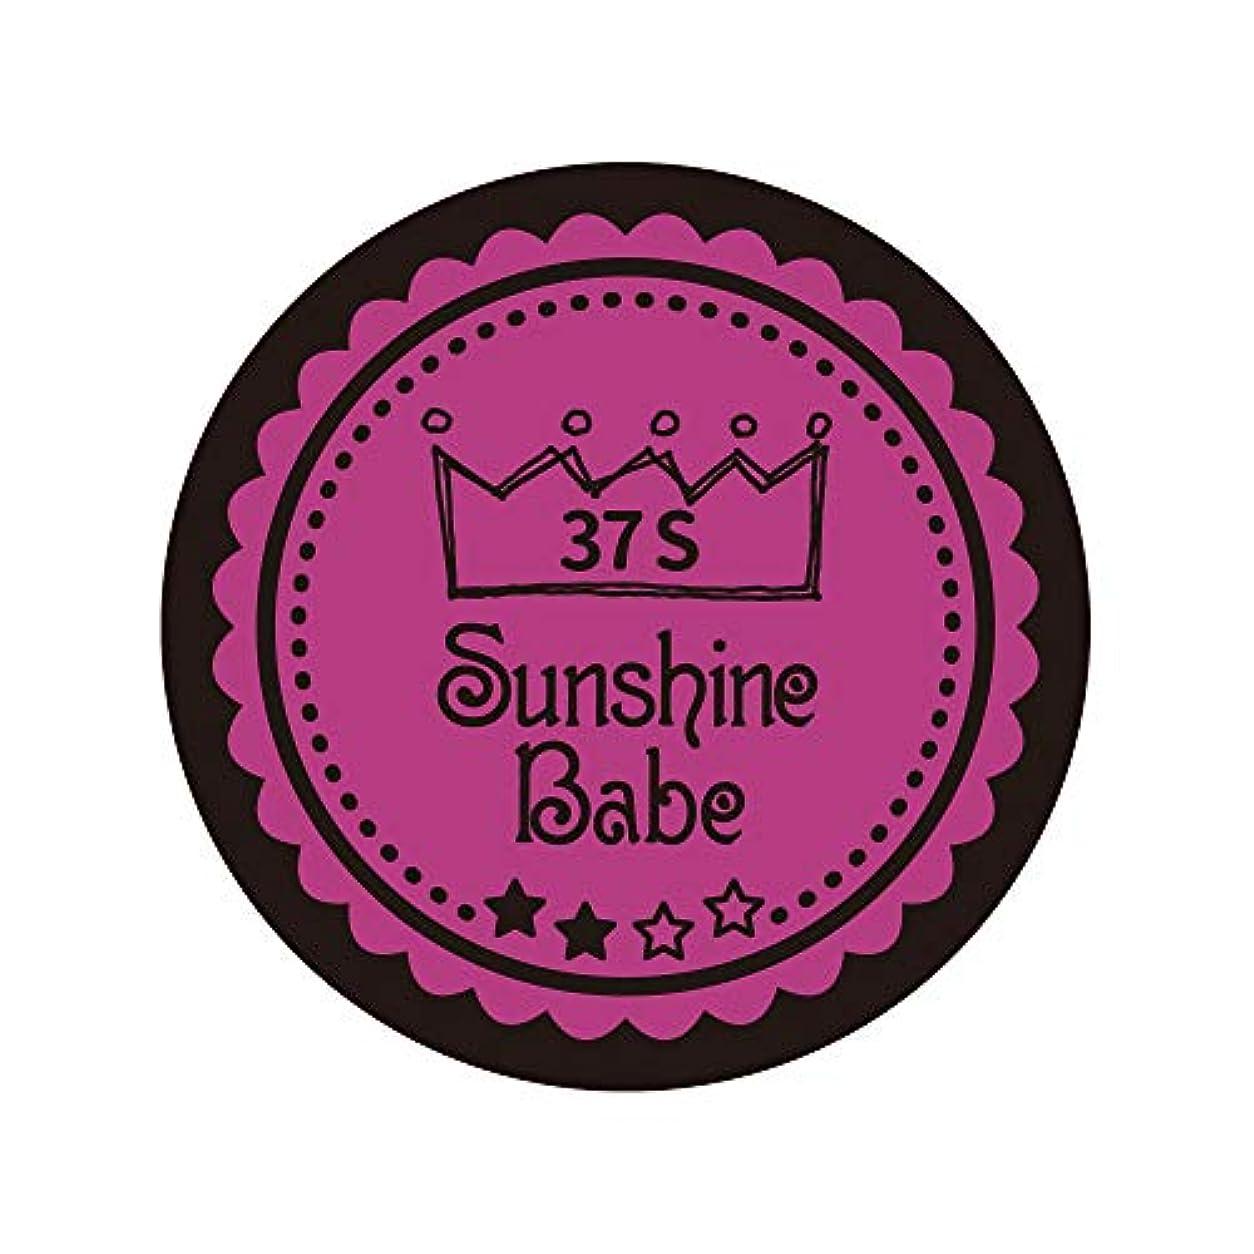 水曜日無意識写真を撮るSunshine Babe カラージェル 37S フューシャピンク 2.7g UV/LED対応